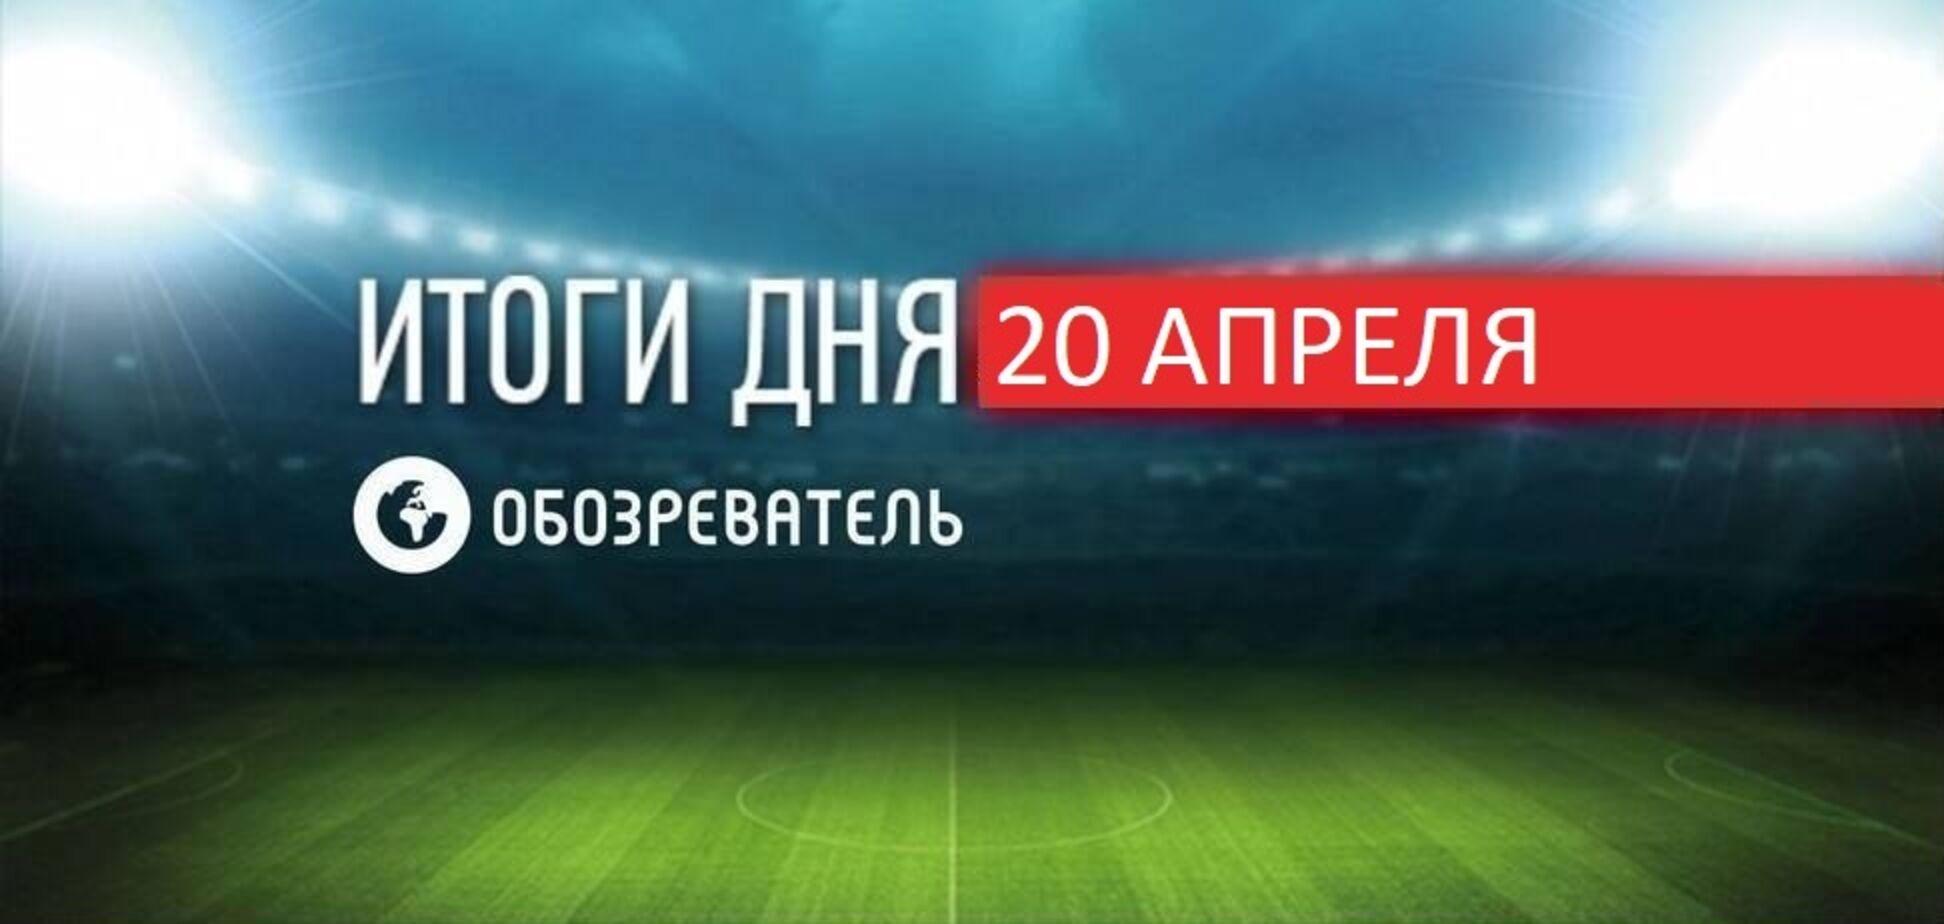 Новини спорту 20 квітня: розвал Євроліги, змінено результат бою українця Редкача